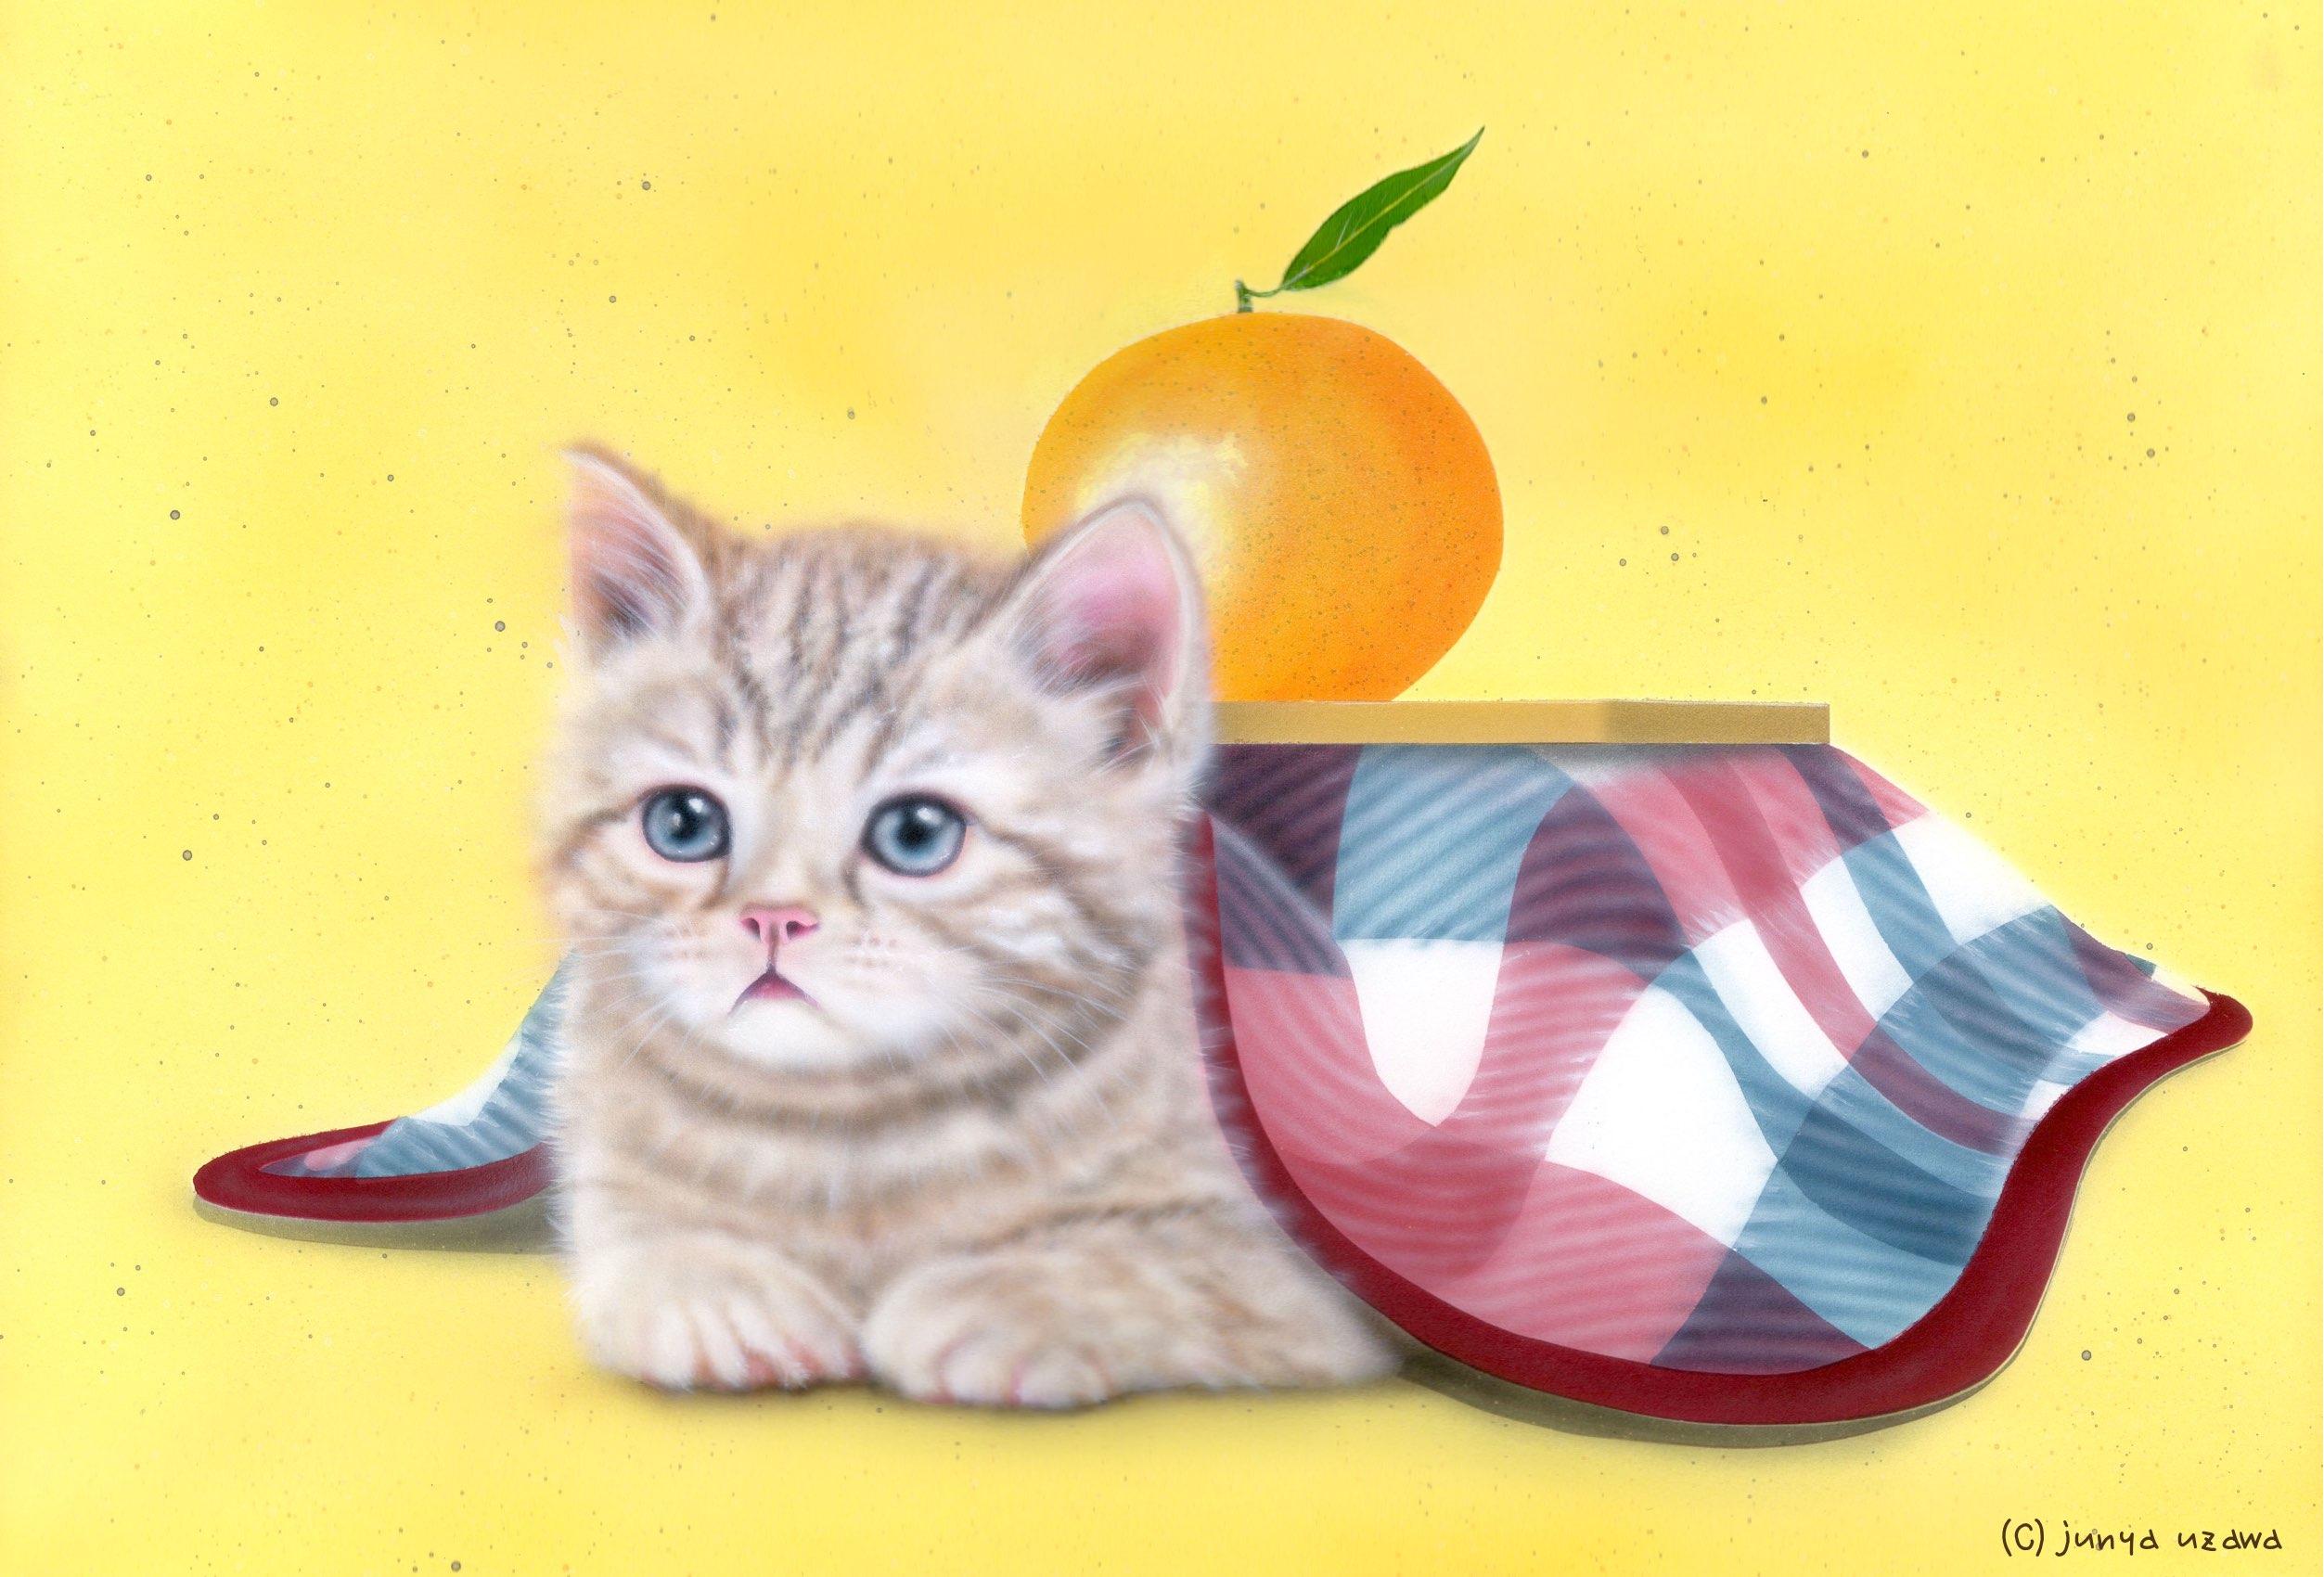 どうぶつの絵 [ペット編]:かわいい動物(猫、犬、うさぎ)のリアル